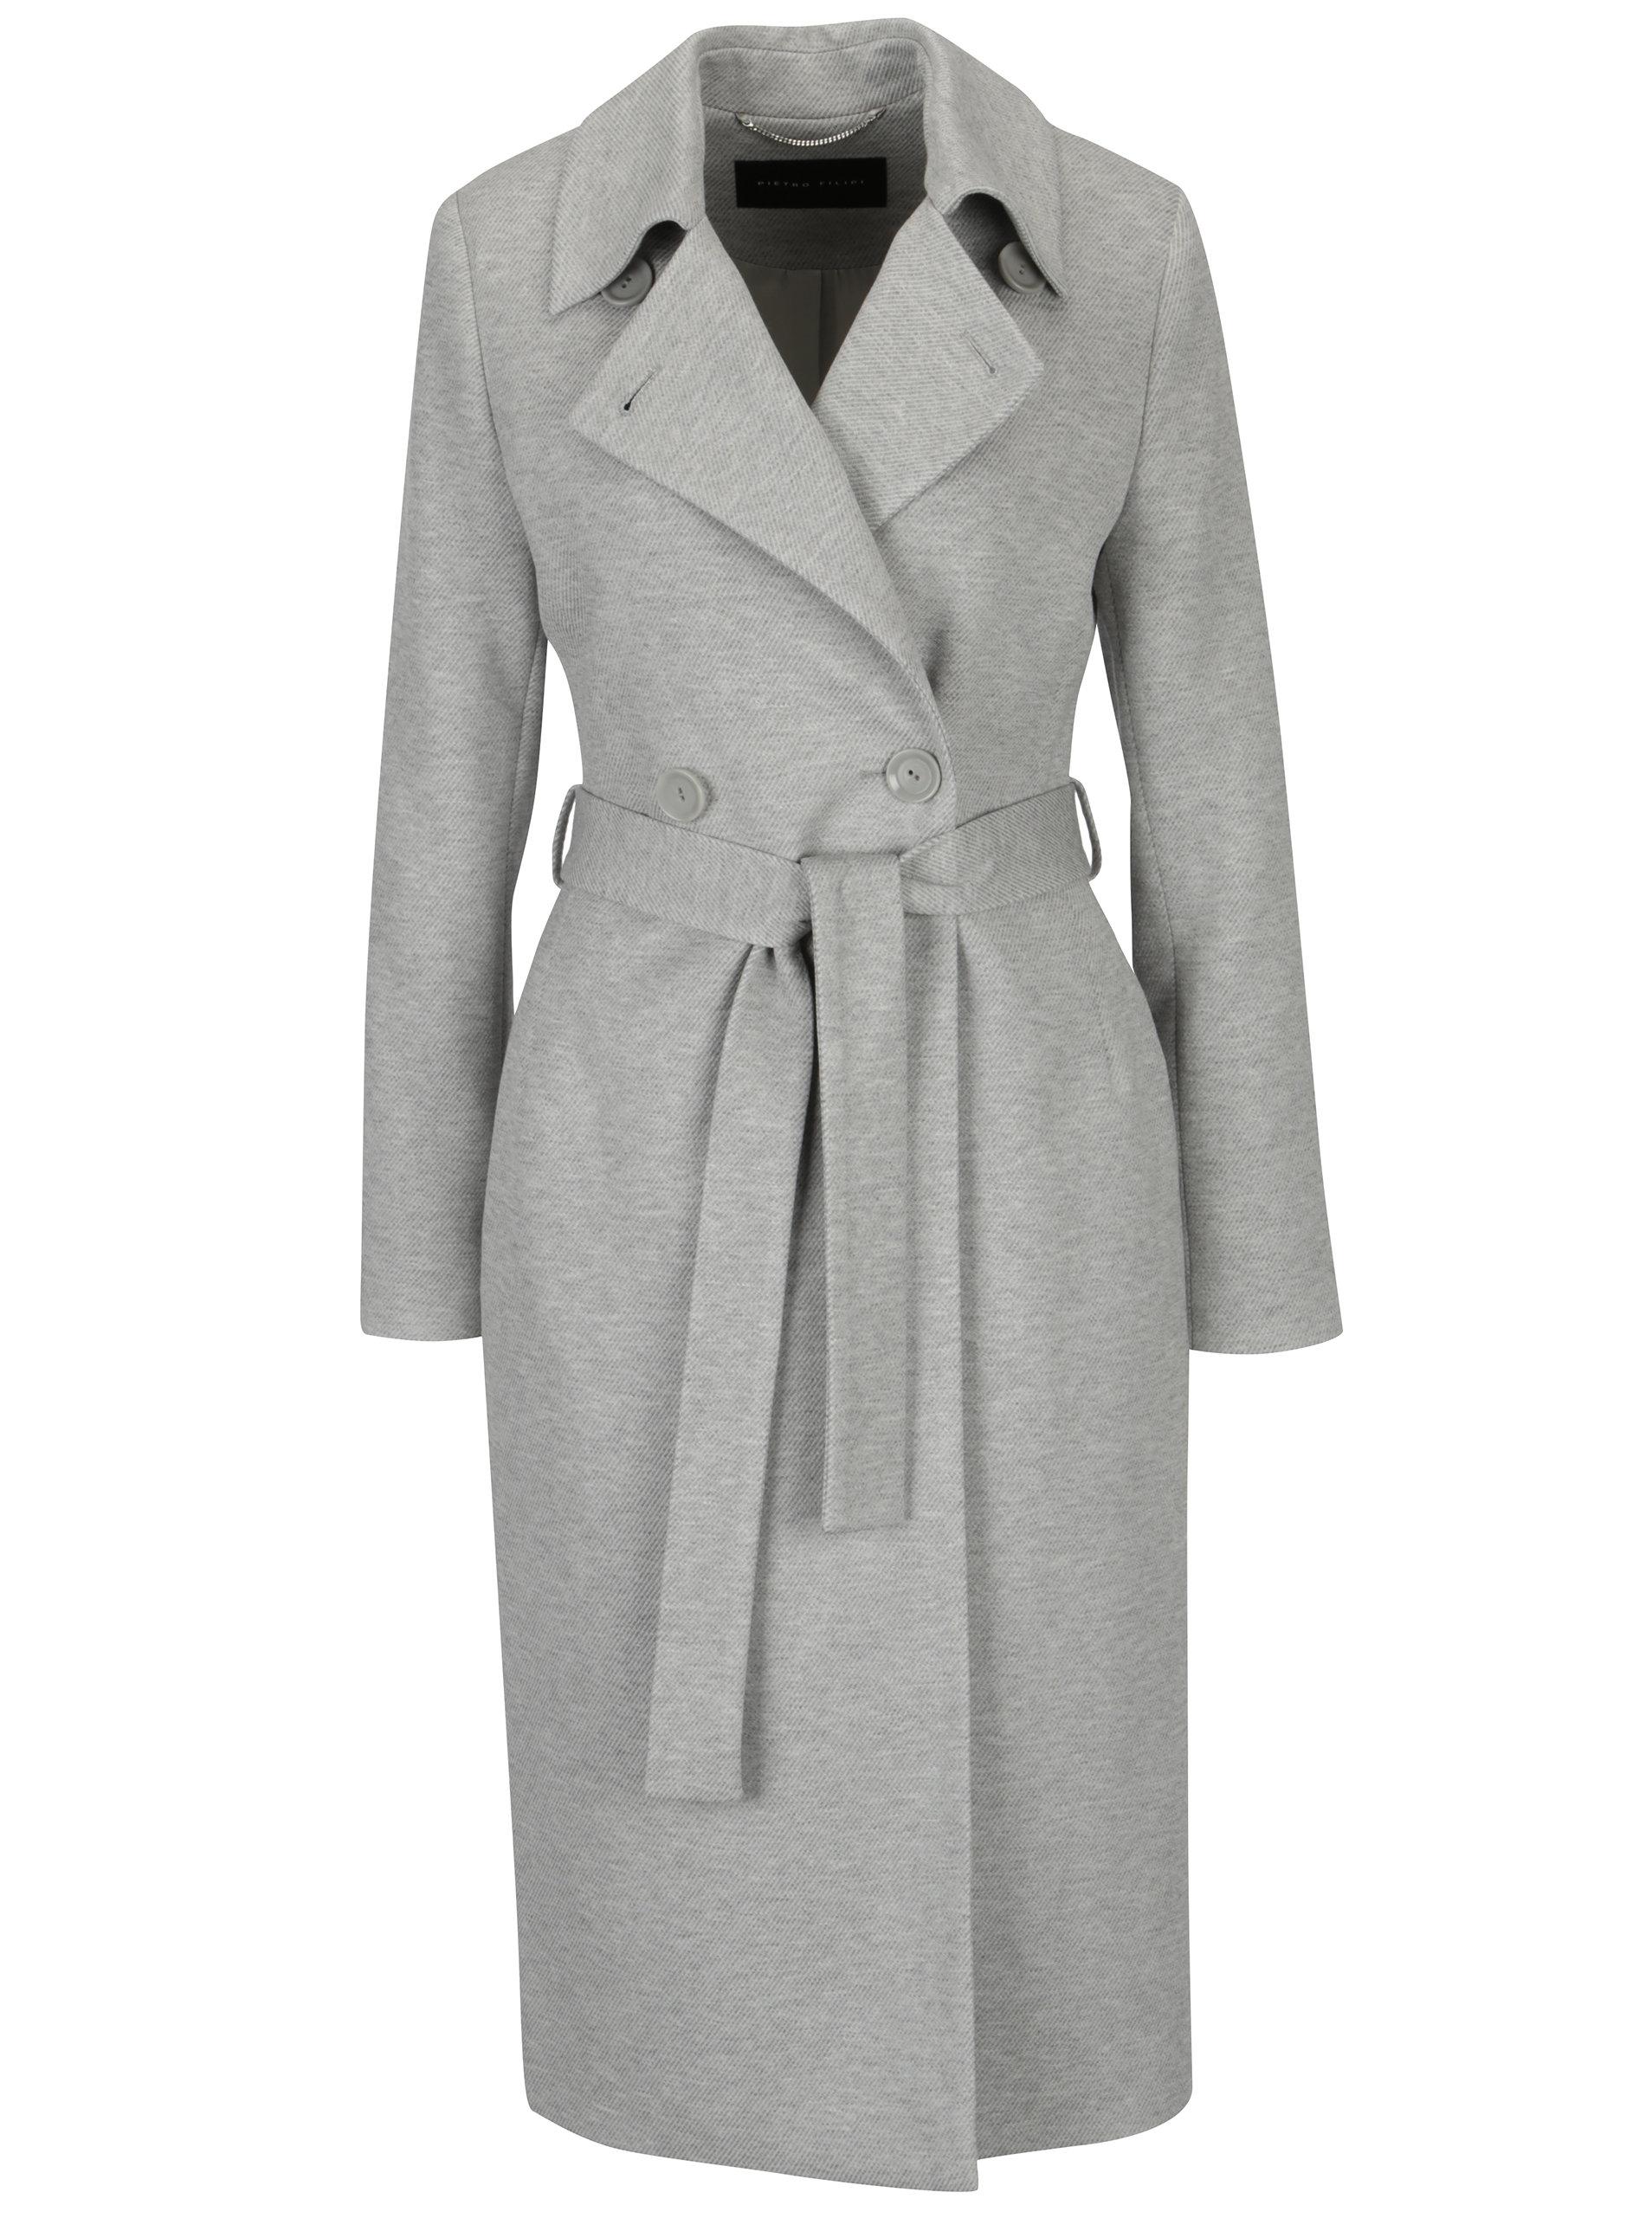 Sivý melírovaný dámsky kabát Pietro Filipi ... 01ff7a8678d